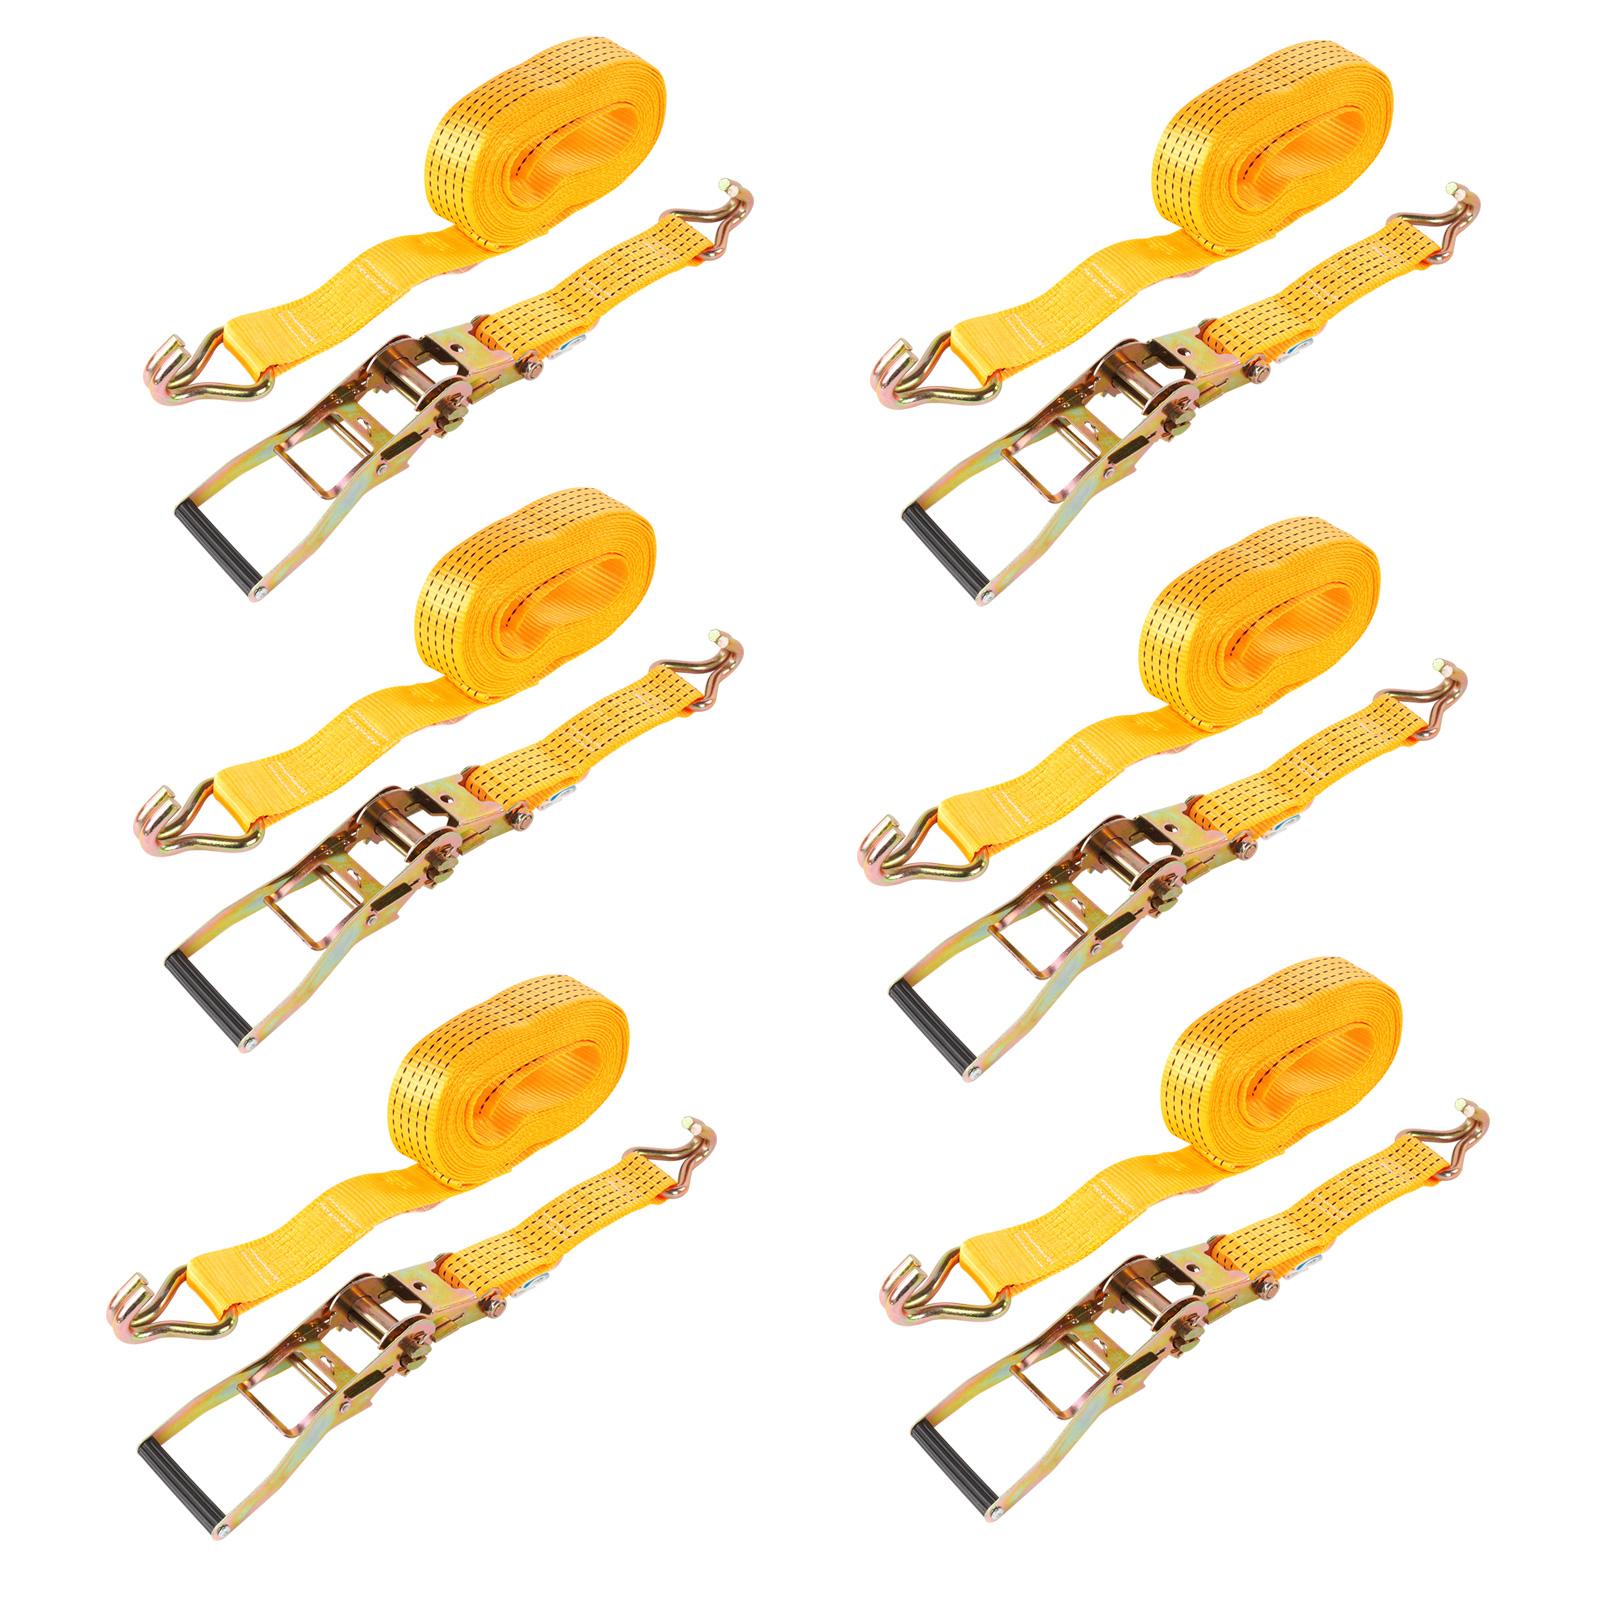 6x Spanngurt mit Ratsche Doppelhaken 8 Meter 5000Kg 50mm Breite PES Orange LKW